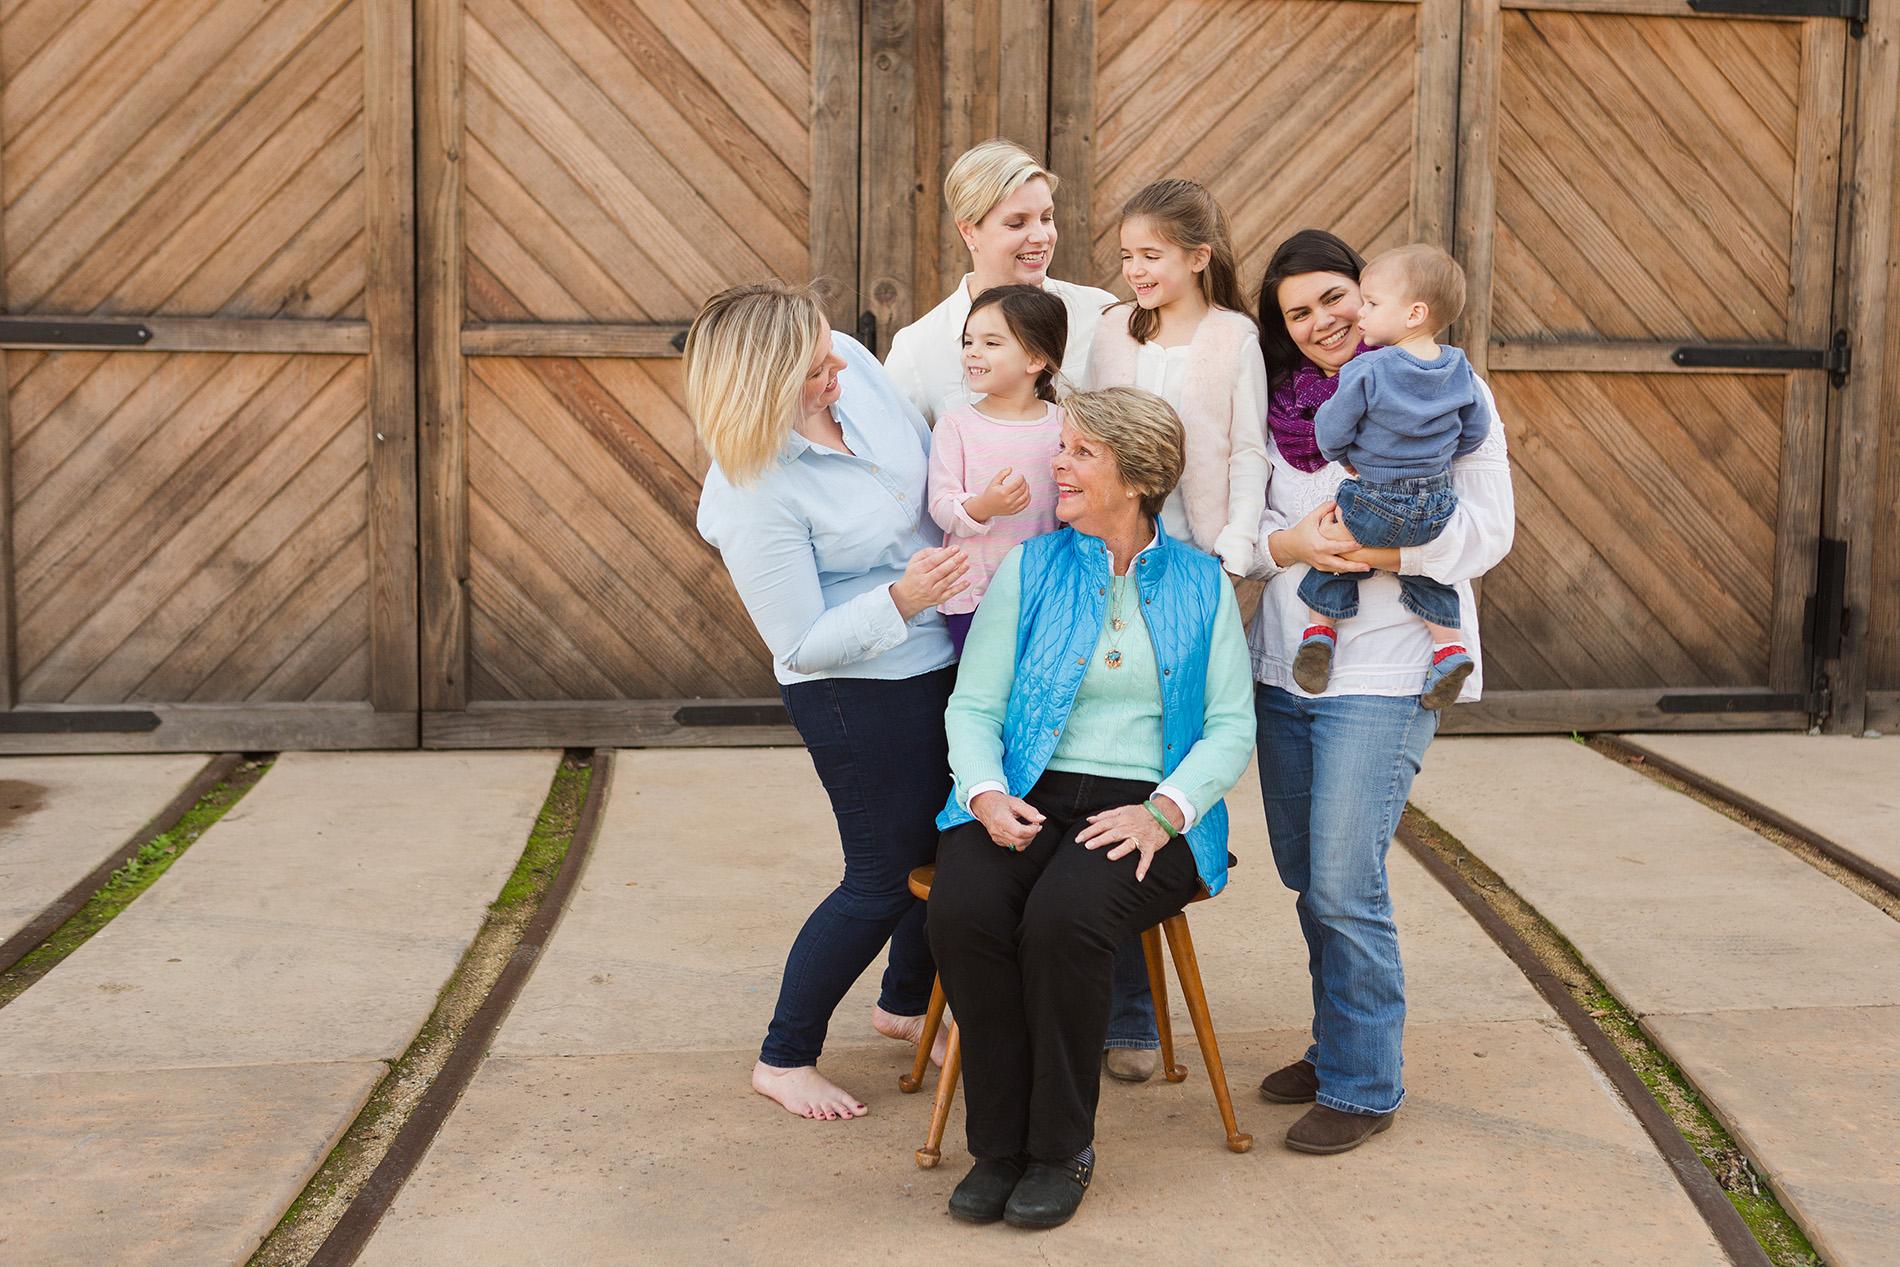 San Diego Family Photographer Christine Dammann Photography RF99